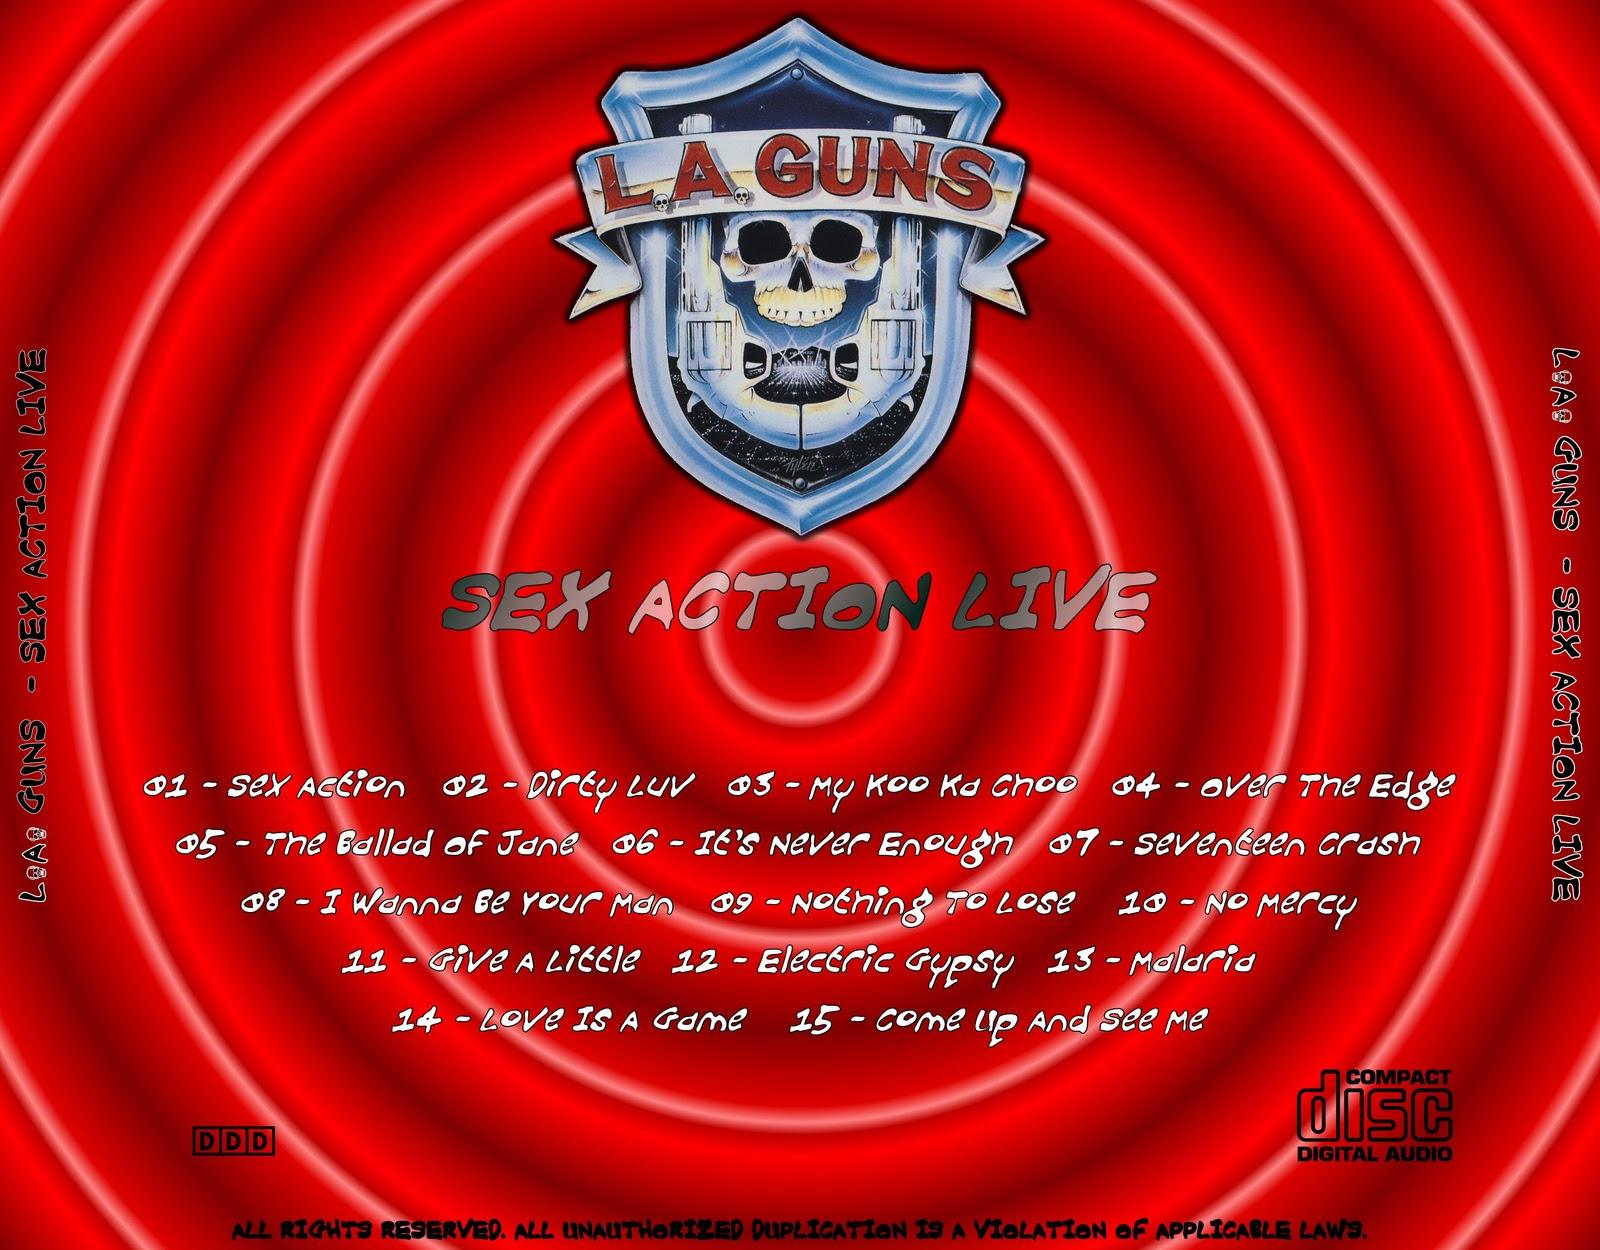 http://3.bp.blogspot.com/_uk6NKPKF_7U/TKDaA01EM2I/AAAAAAAAAUE/ZS5Ap4Iv0vA/s1600/Back.jpg